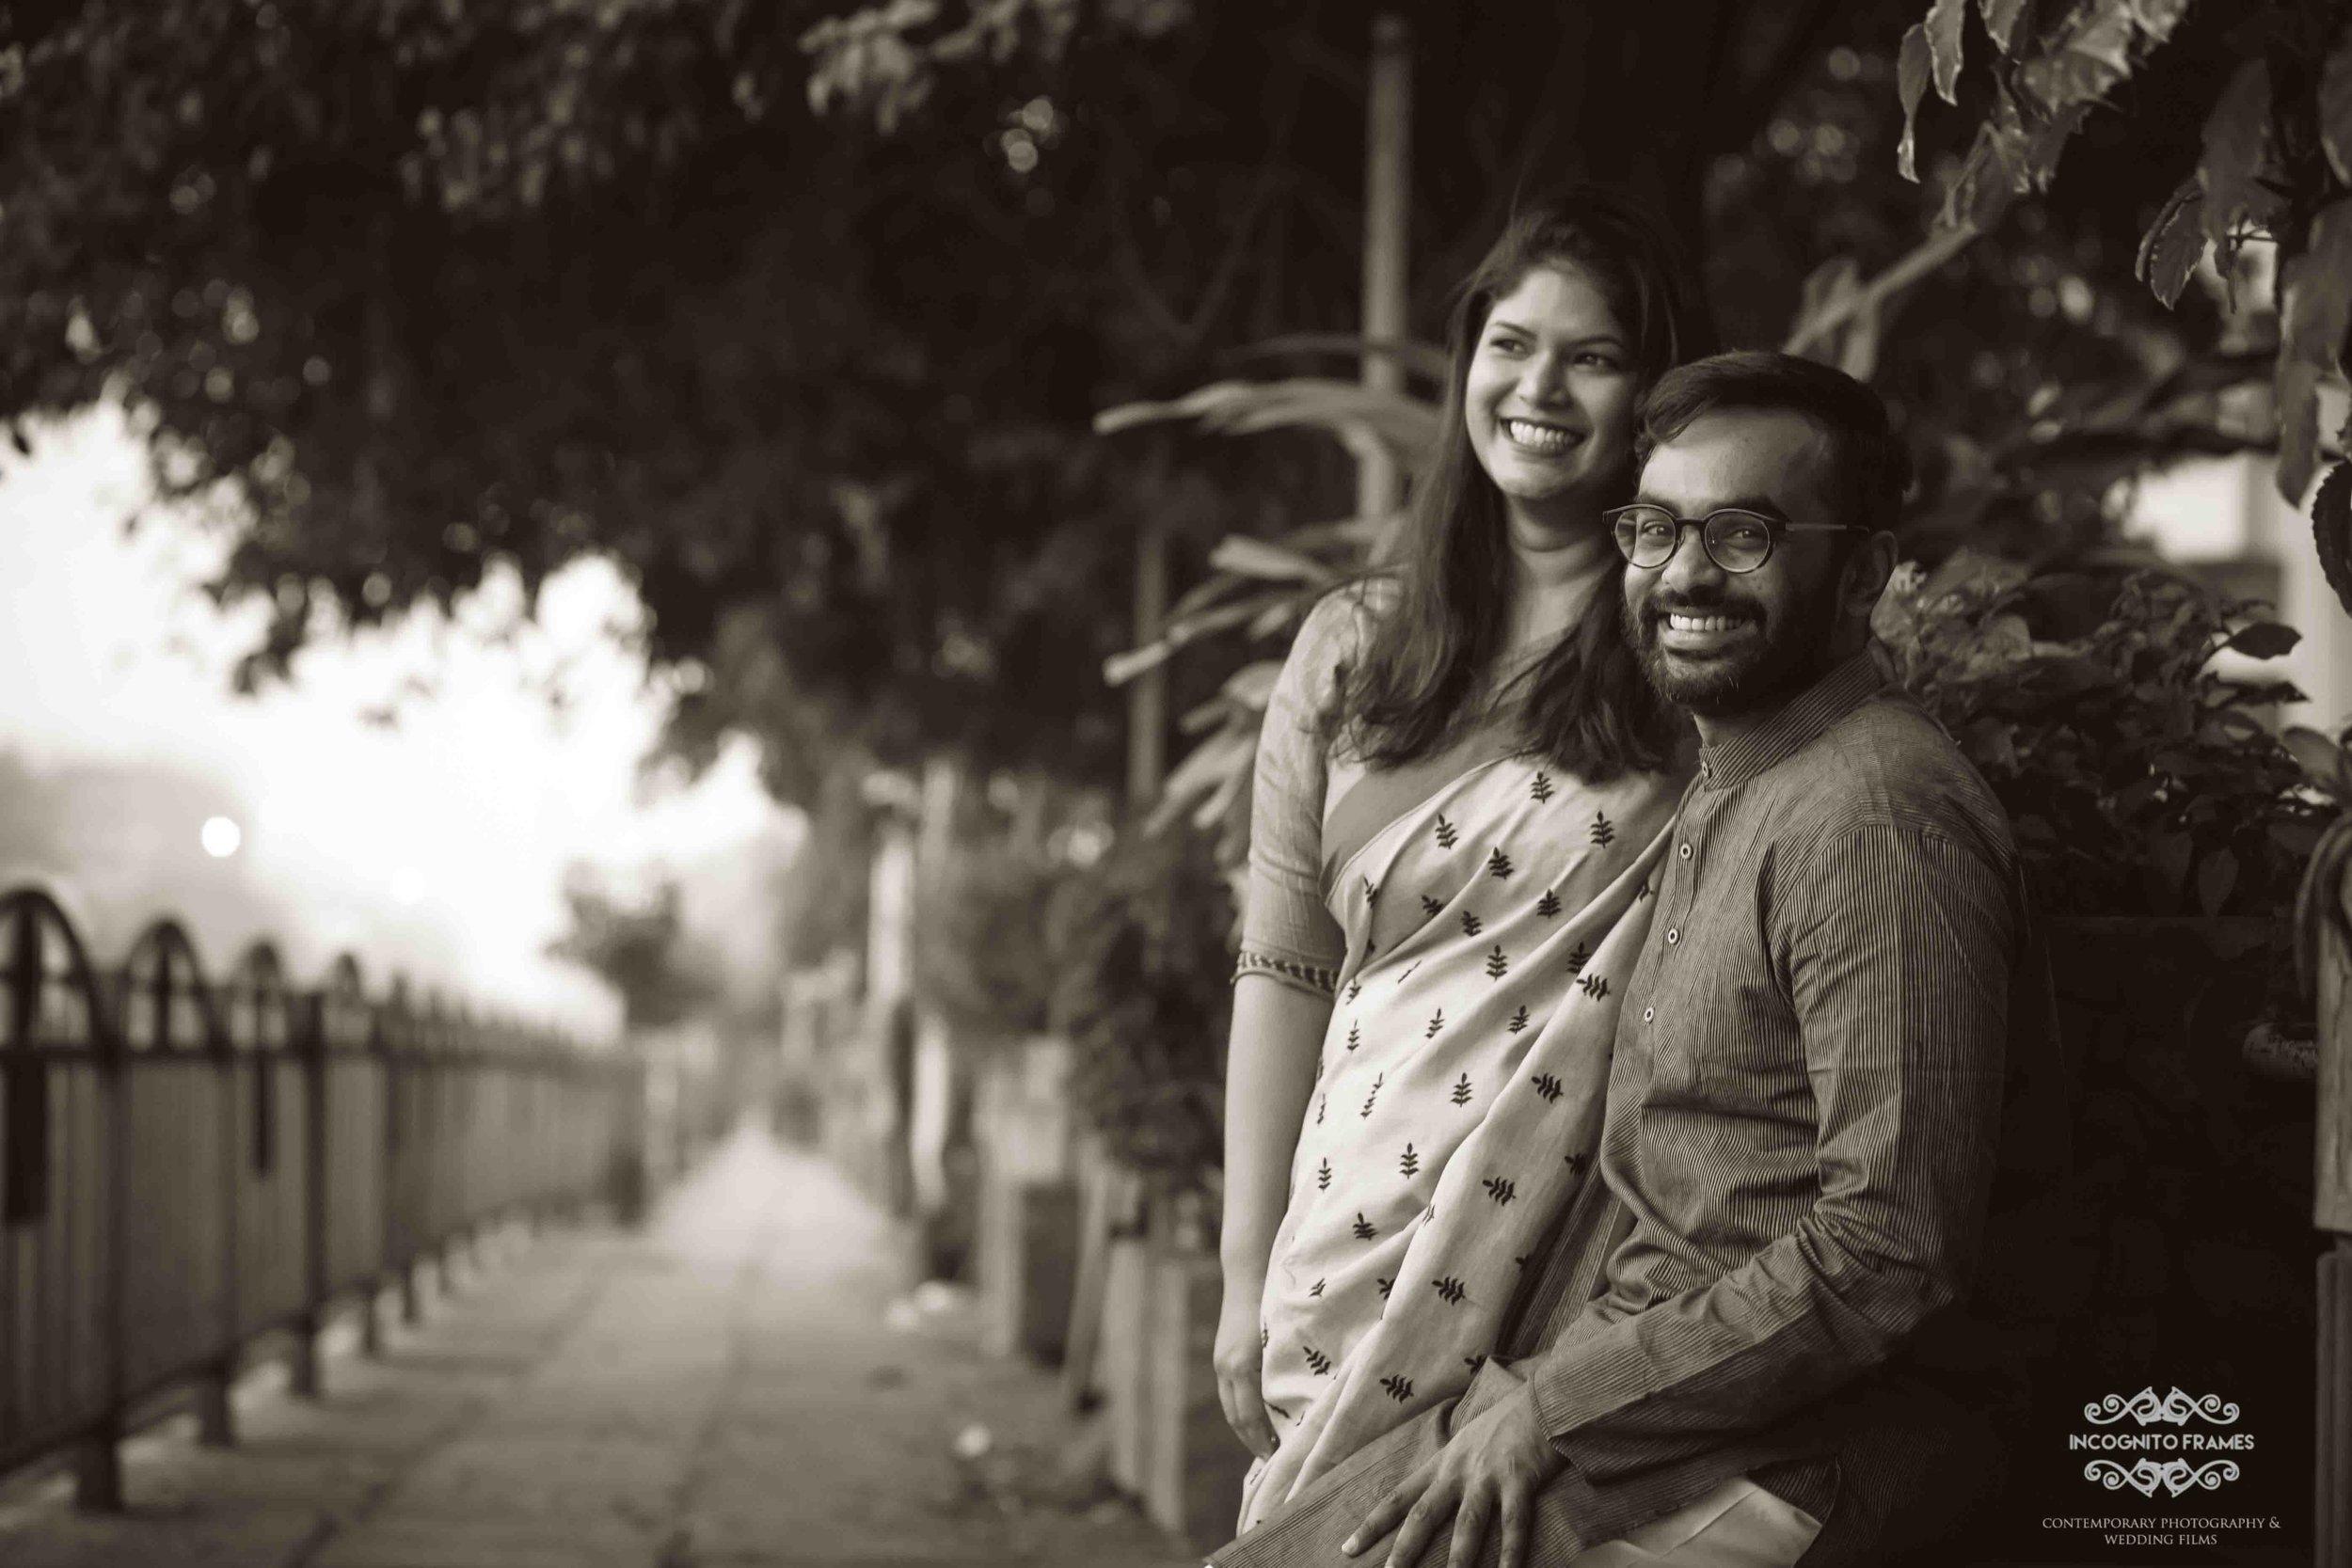 street-photography-coupleshoot.jpg